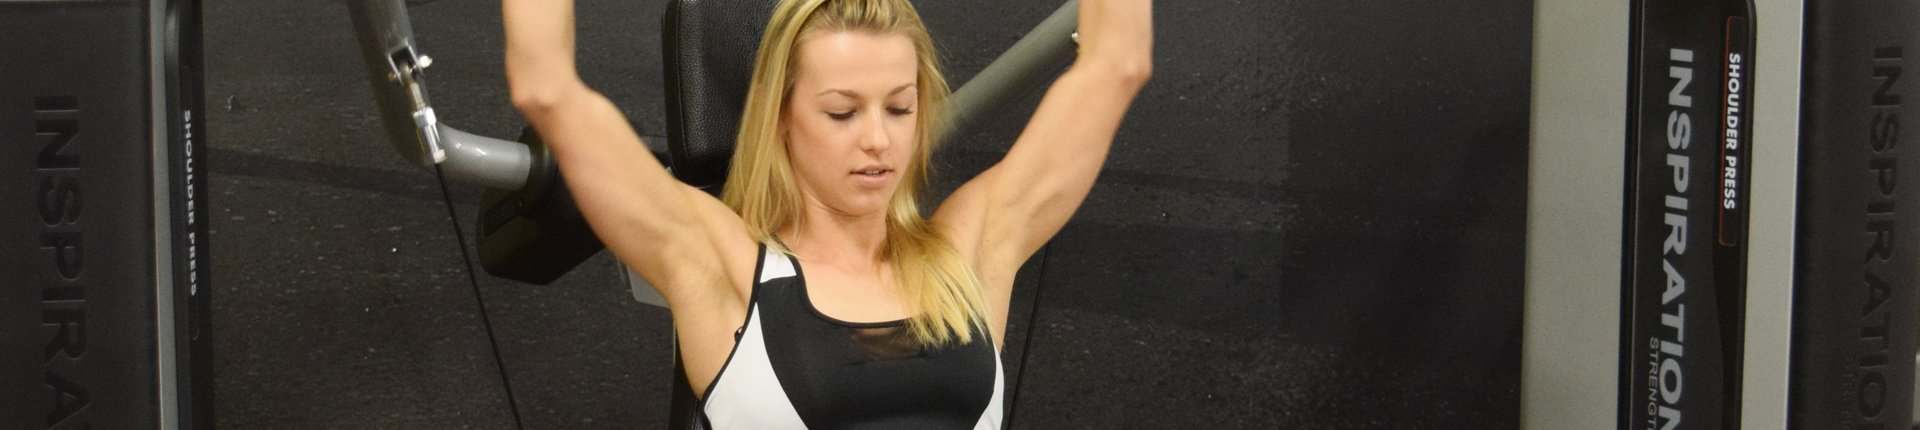 Inez Gorońska - jak zostałam Mistrzynią Polski Bikini Fitness